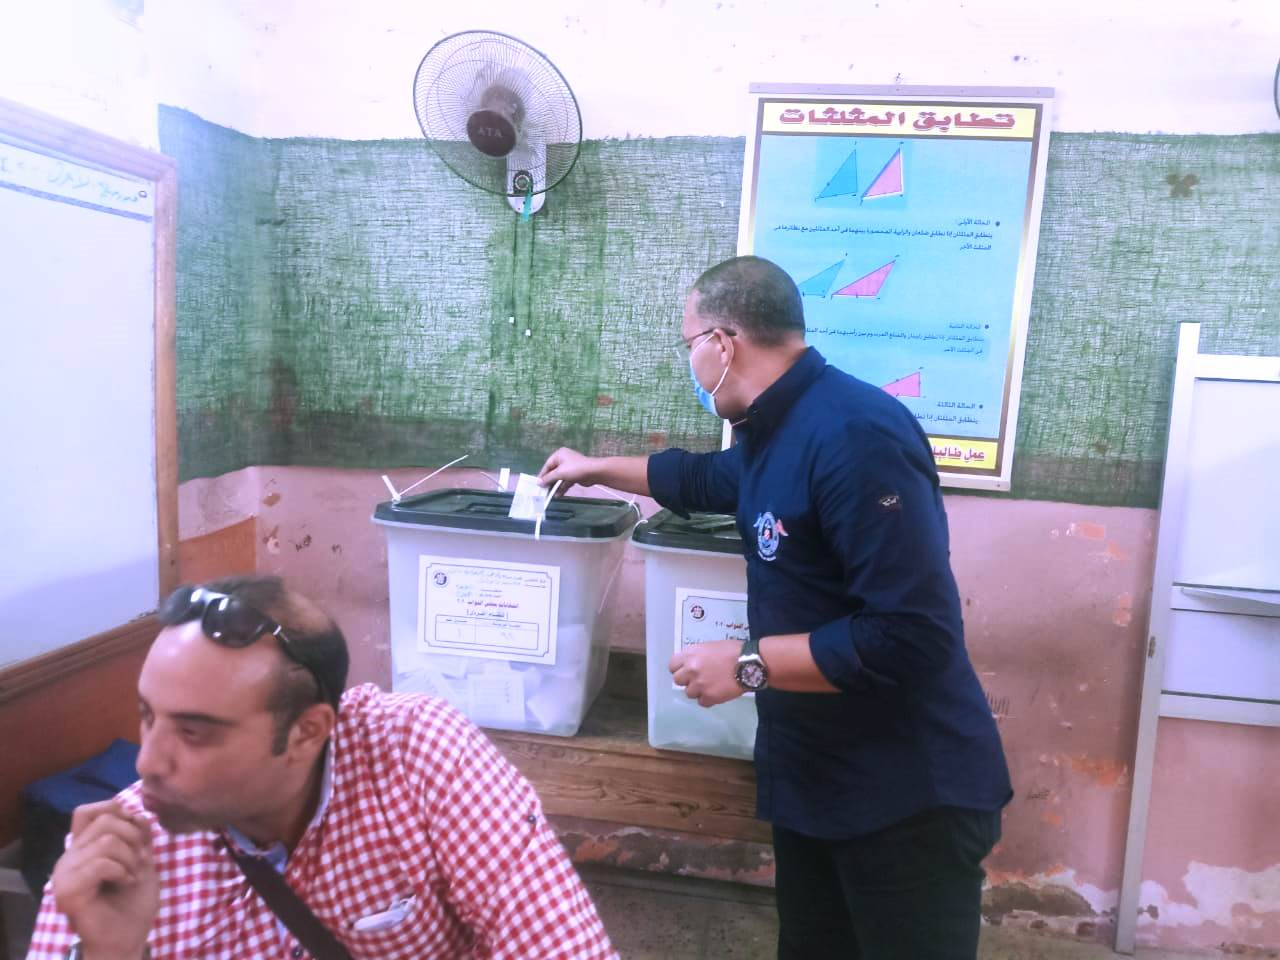 الكاتب الصحفى خالد صلاح داخل مقر اللجنة الانتخابية